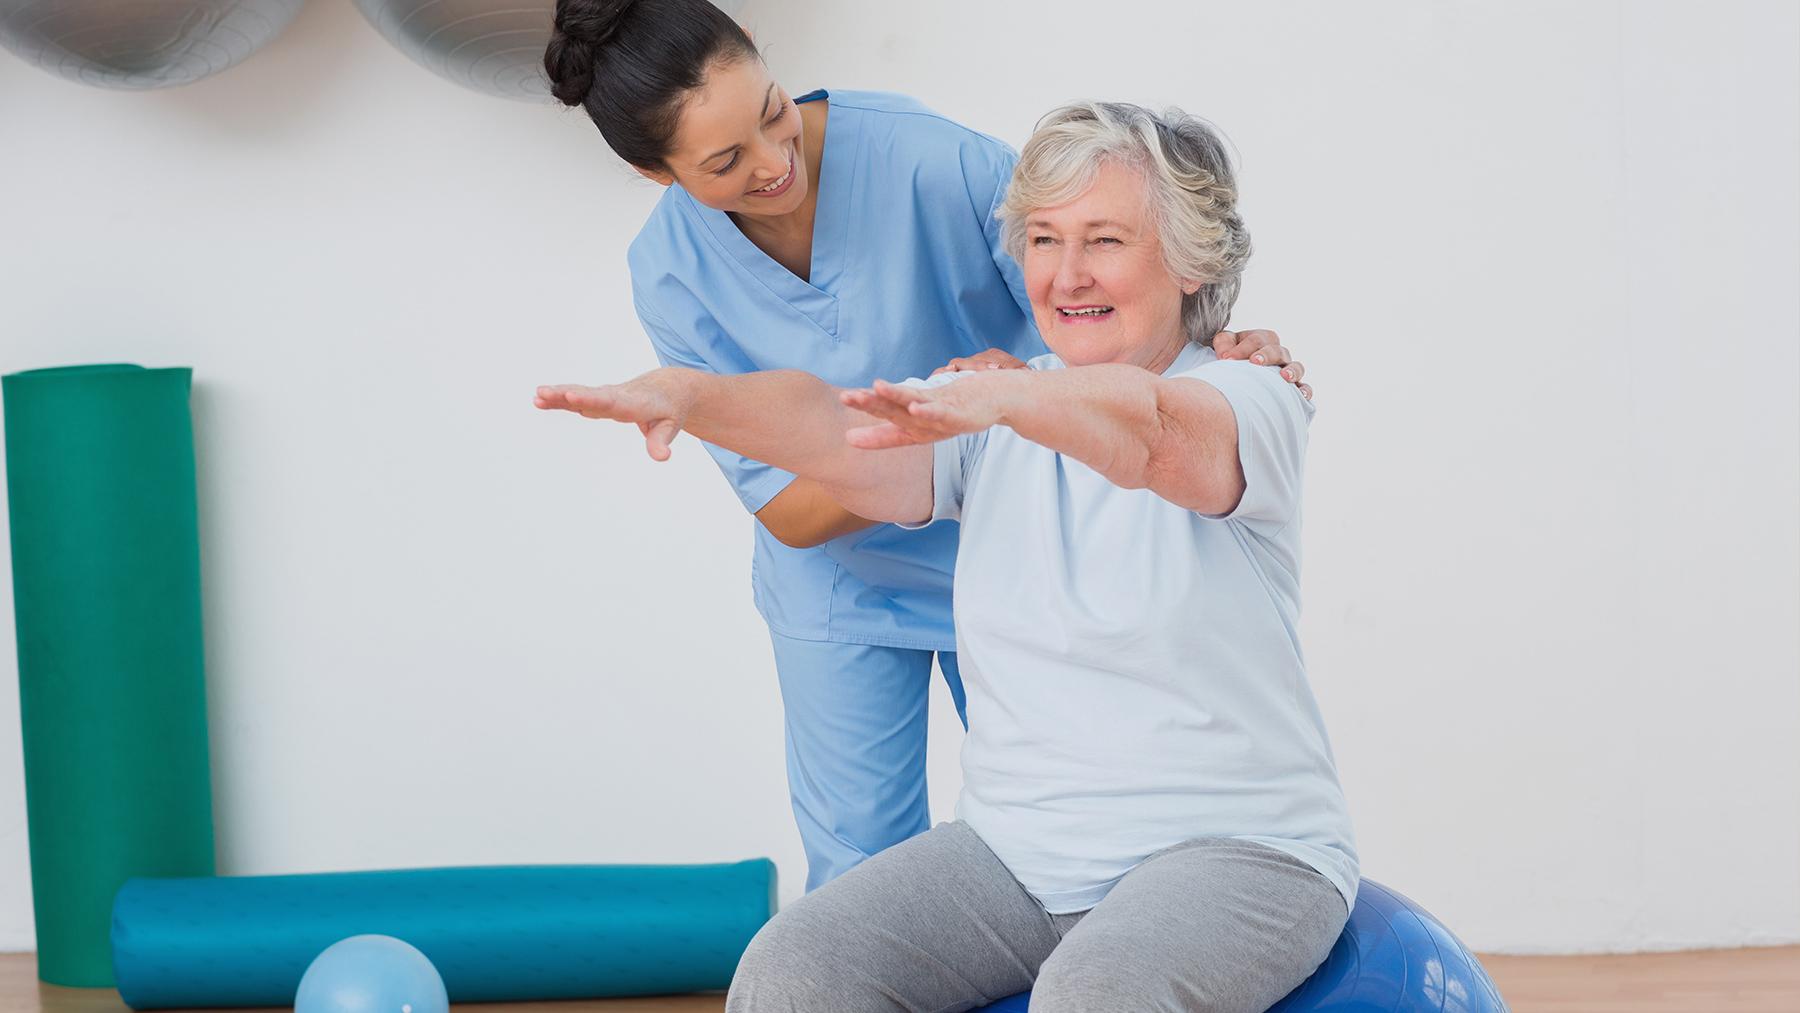 Комплекс гимнастических лечебных упражнений